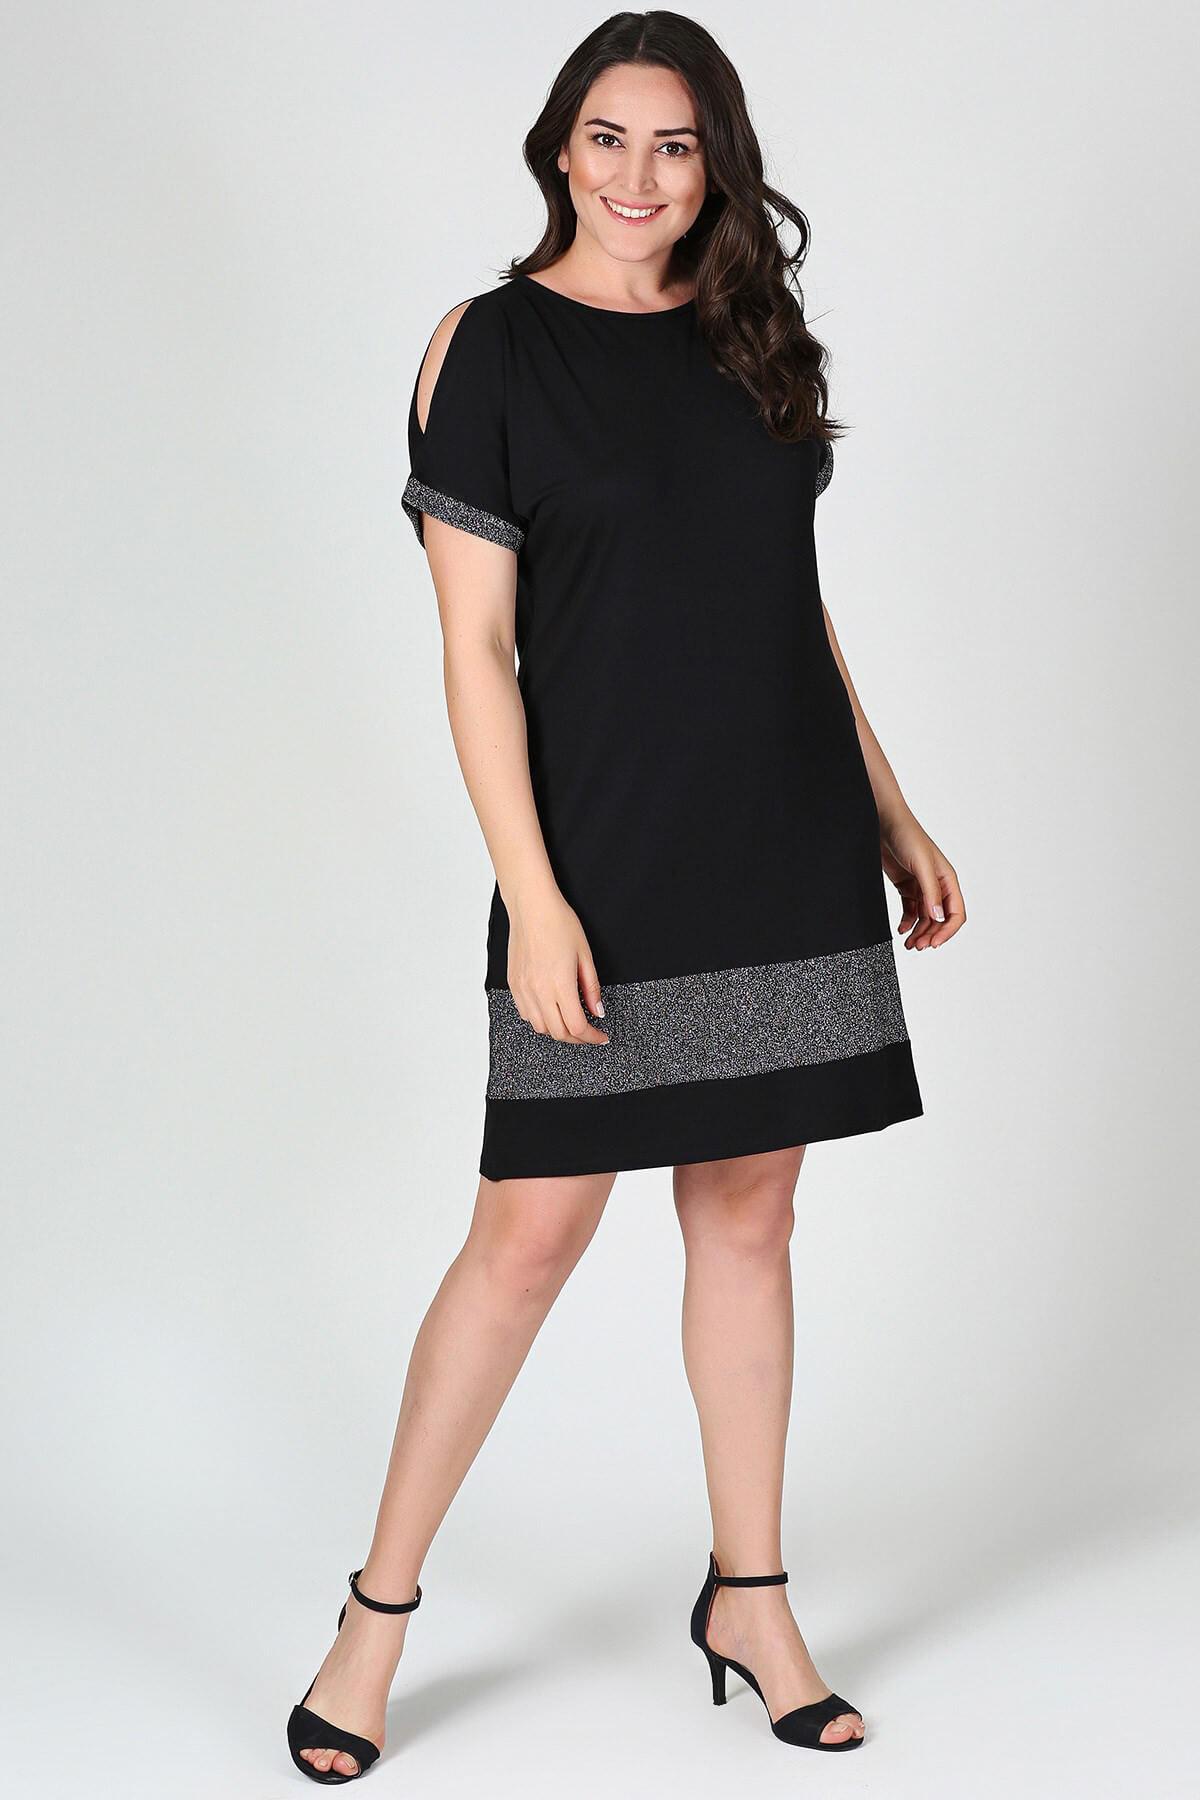 Moda Cazibe Kadın Eteği Kol Ucu Simli Elbise M8042 1